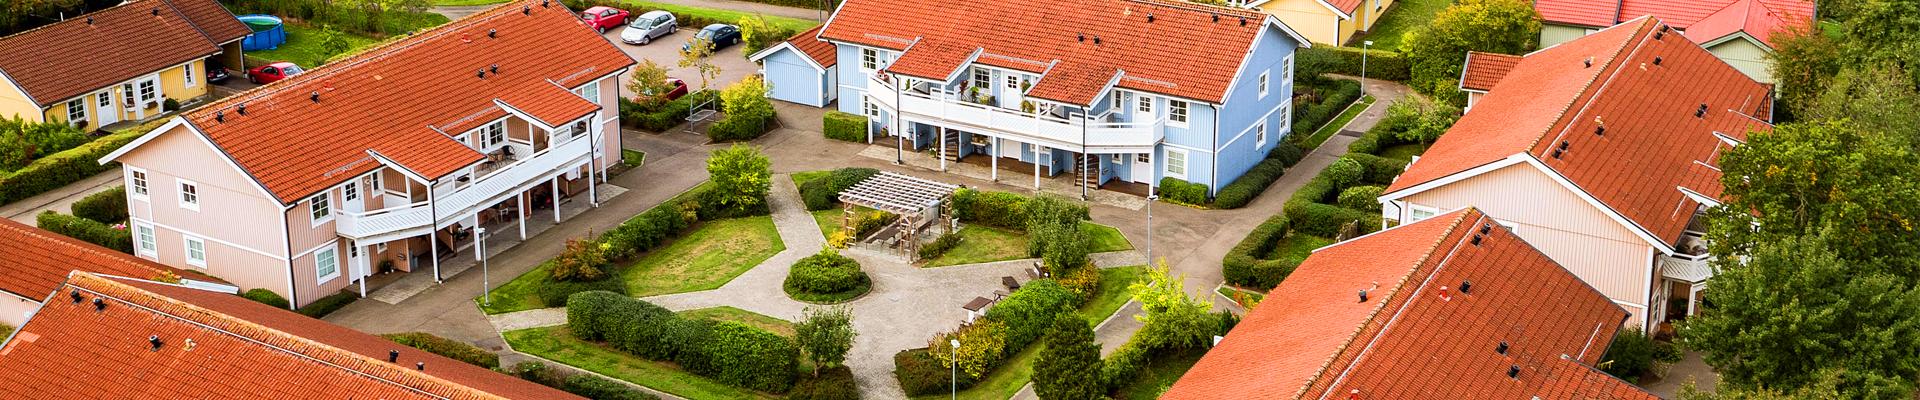 Järneken Fastighetsförvaltning AB förvärvar Bostadshyreshus i Vejbystrand av Fastighetsbolaget Fem Vänner AB.